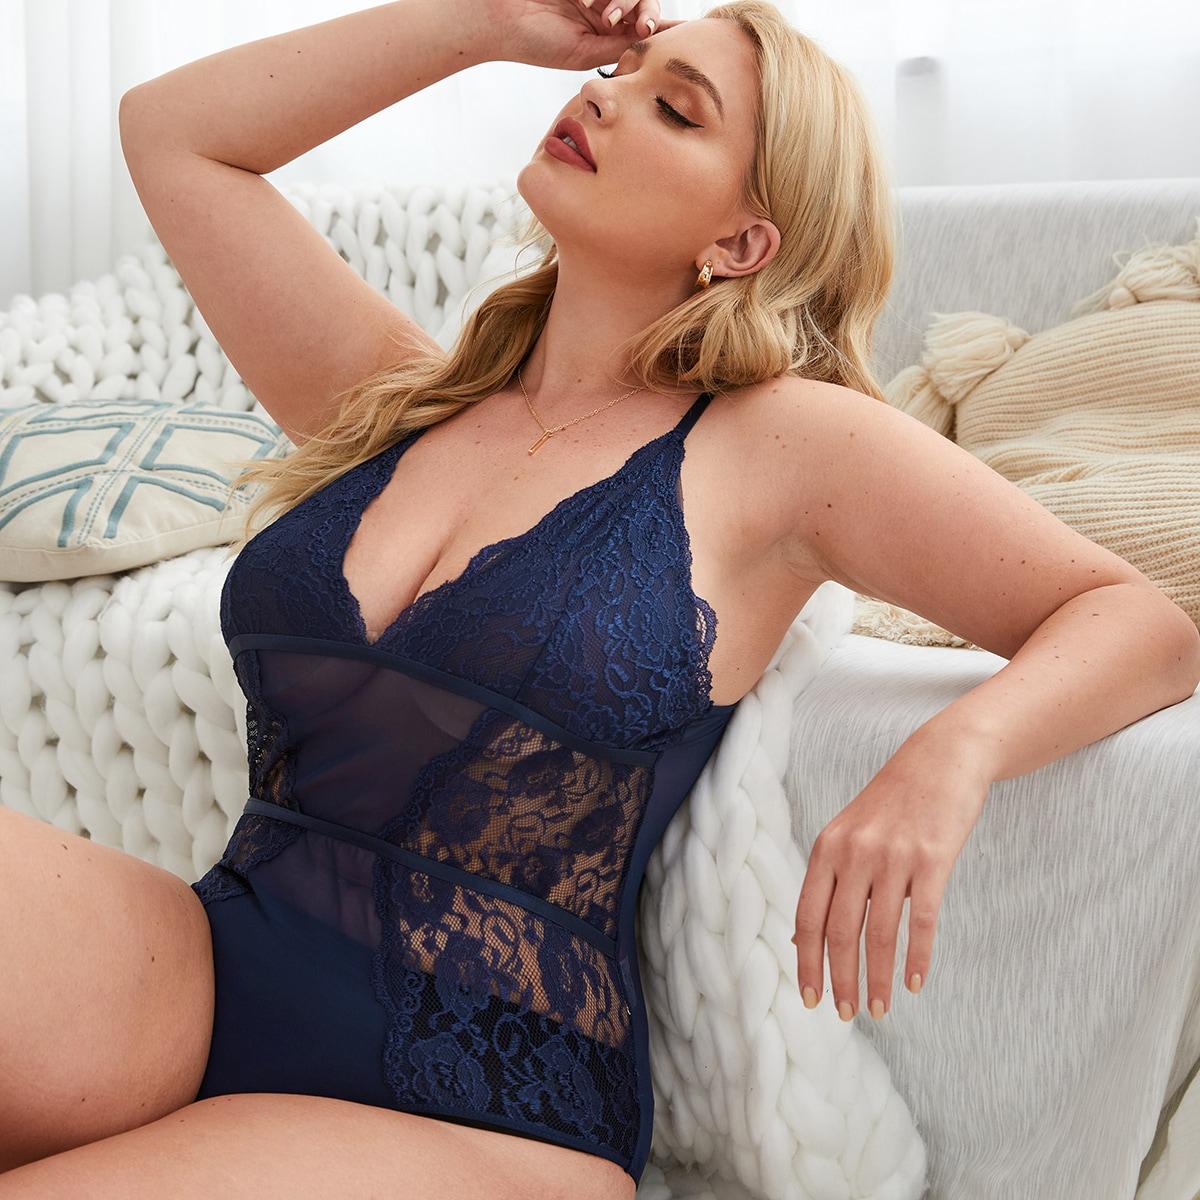 Контрастные кружева Одноцветный Романтический Сексуальное женское белье размер плюс